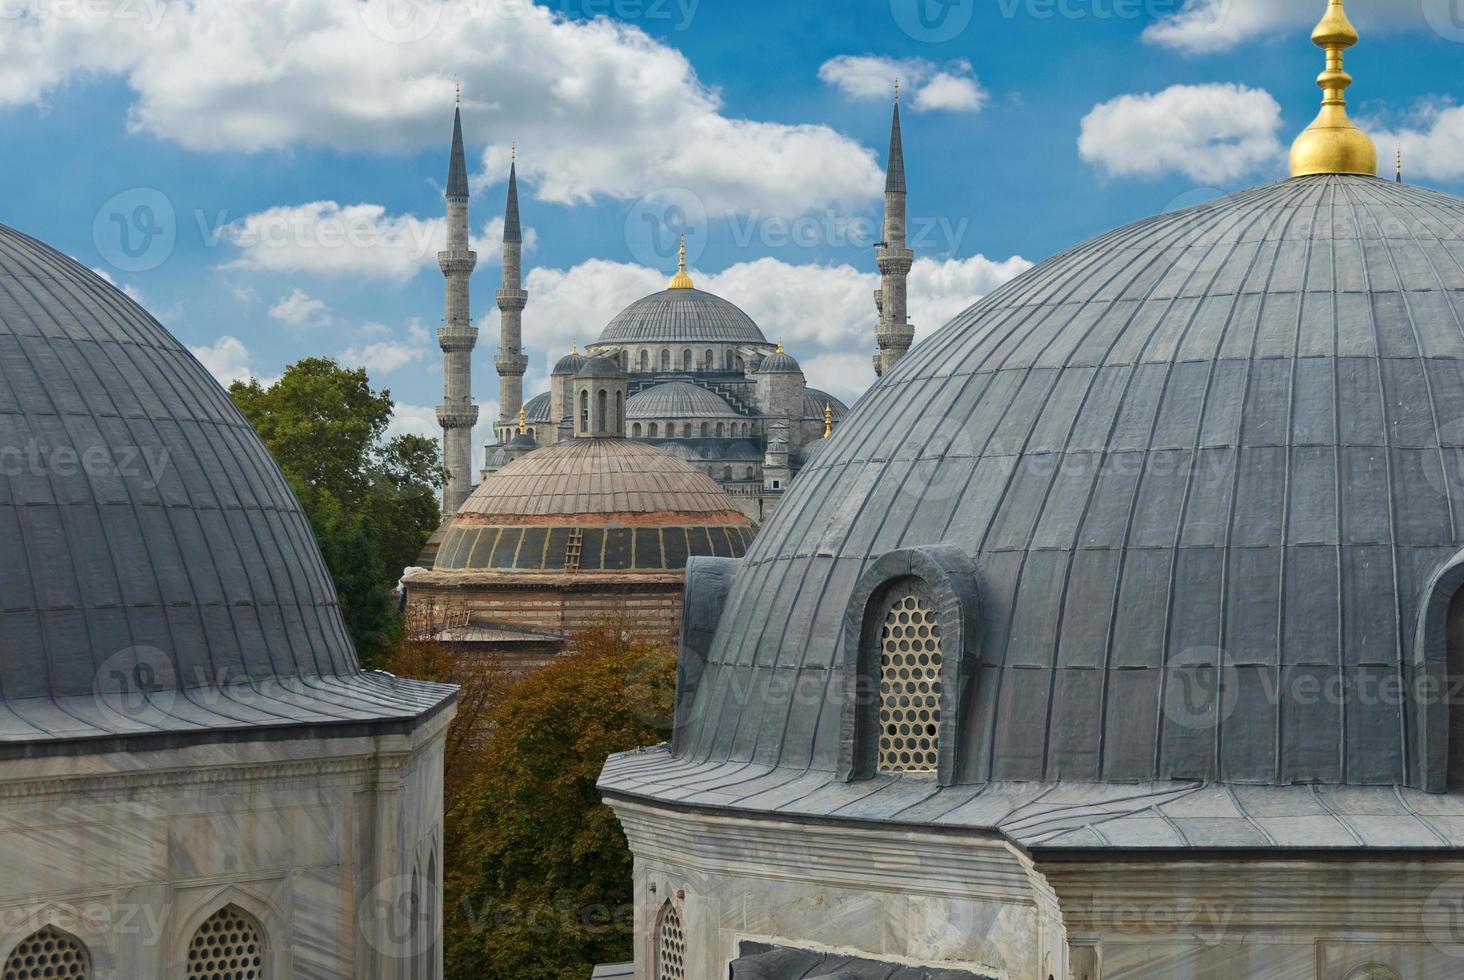 blauwe moskee in istanbul schot van hagia sophia, turkije foto